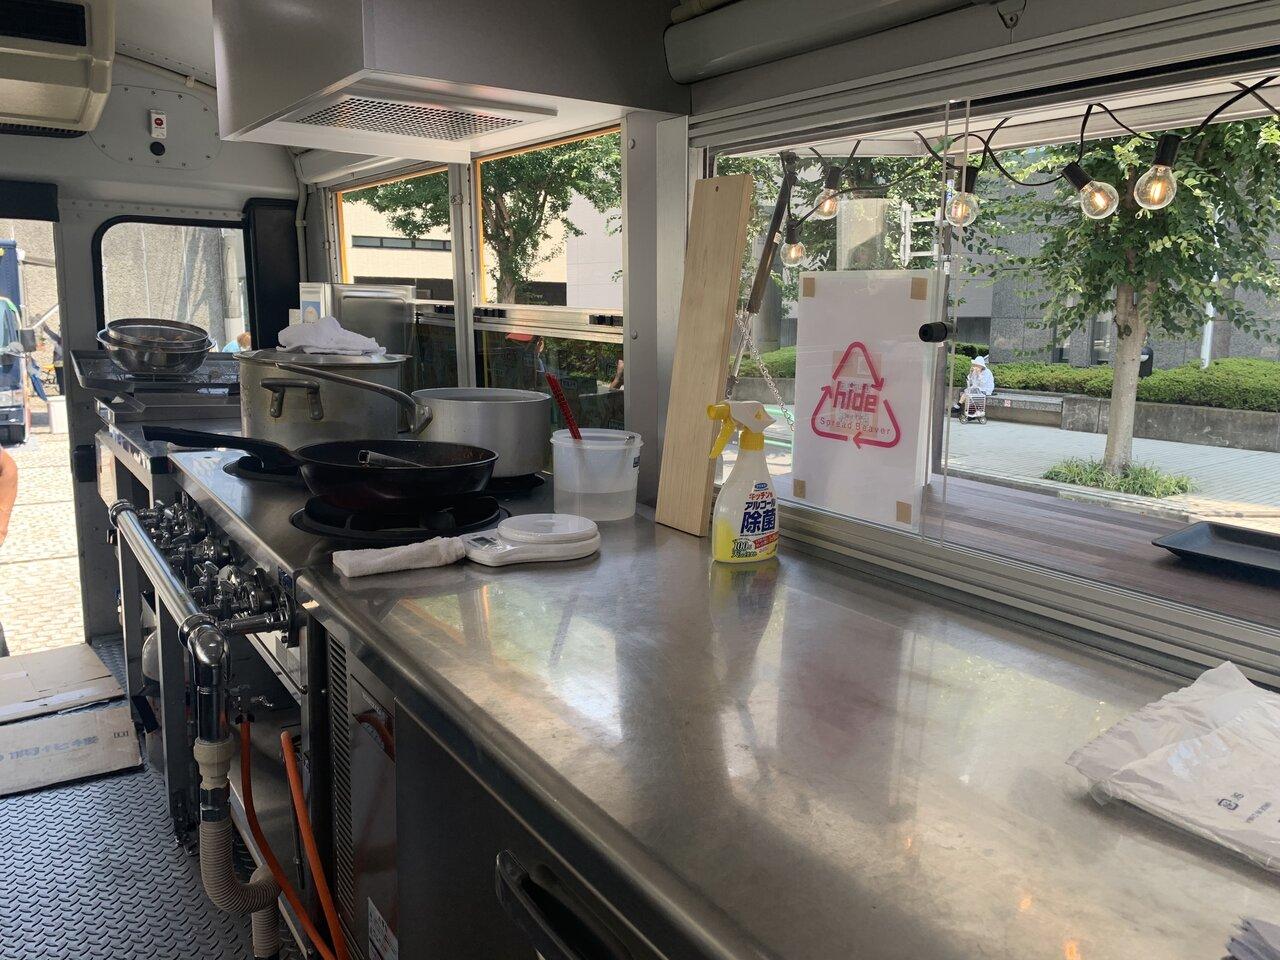 何が変わった!?キッチンカーに関する保健所の営業許可・食品衛生法(2021年7月14日更新)